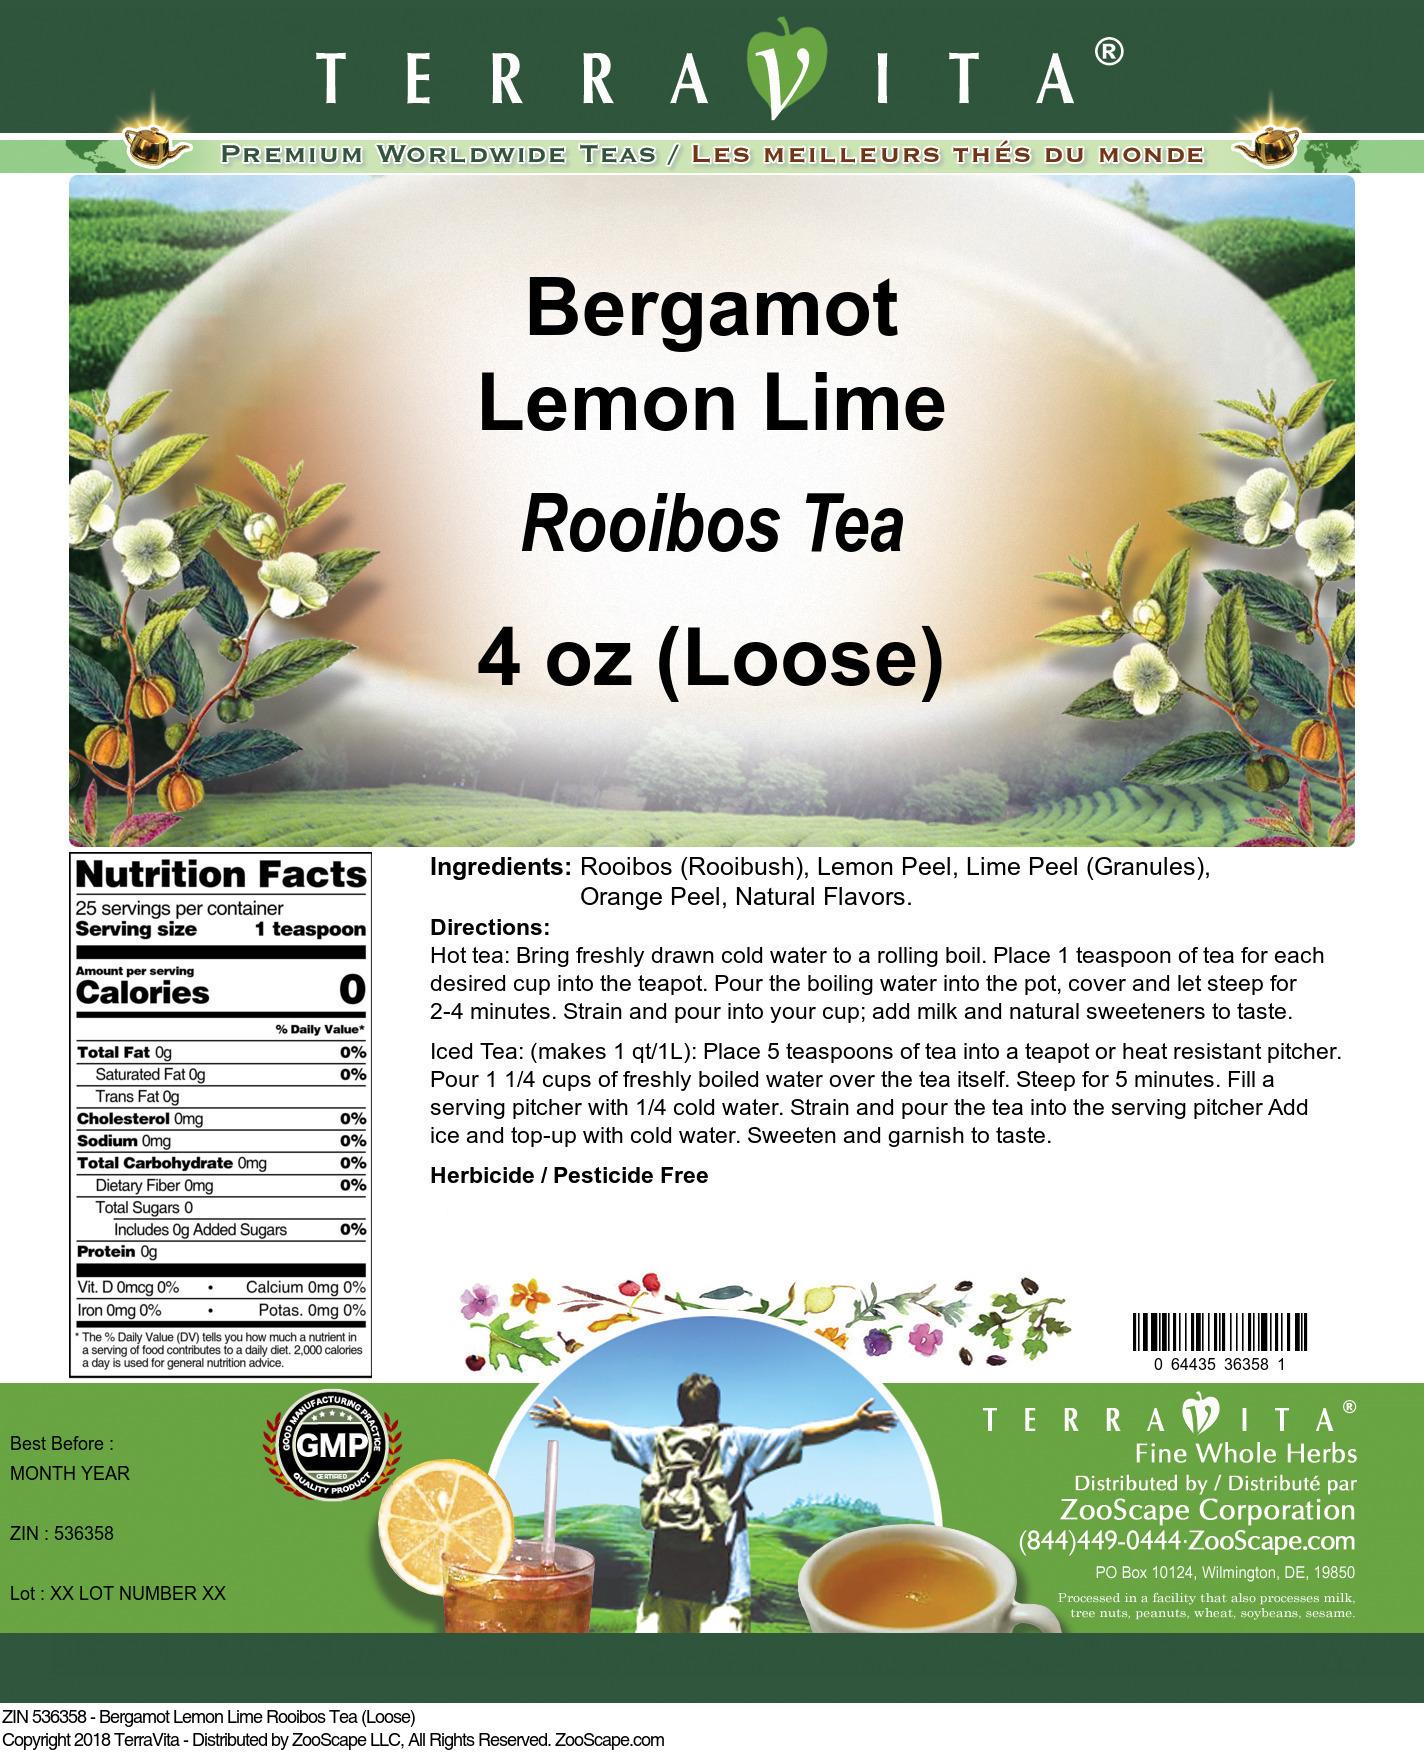 Bergamot Lemon Lime Rooibos Tea (Loose)